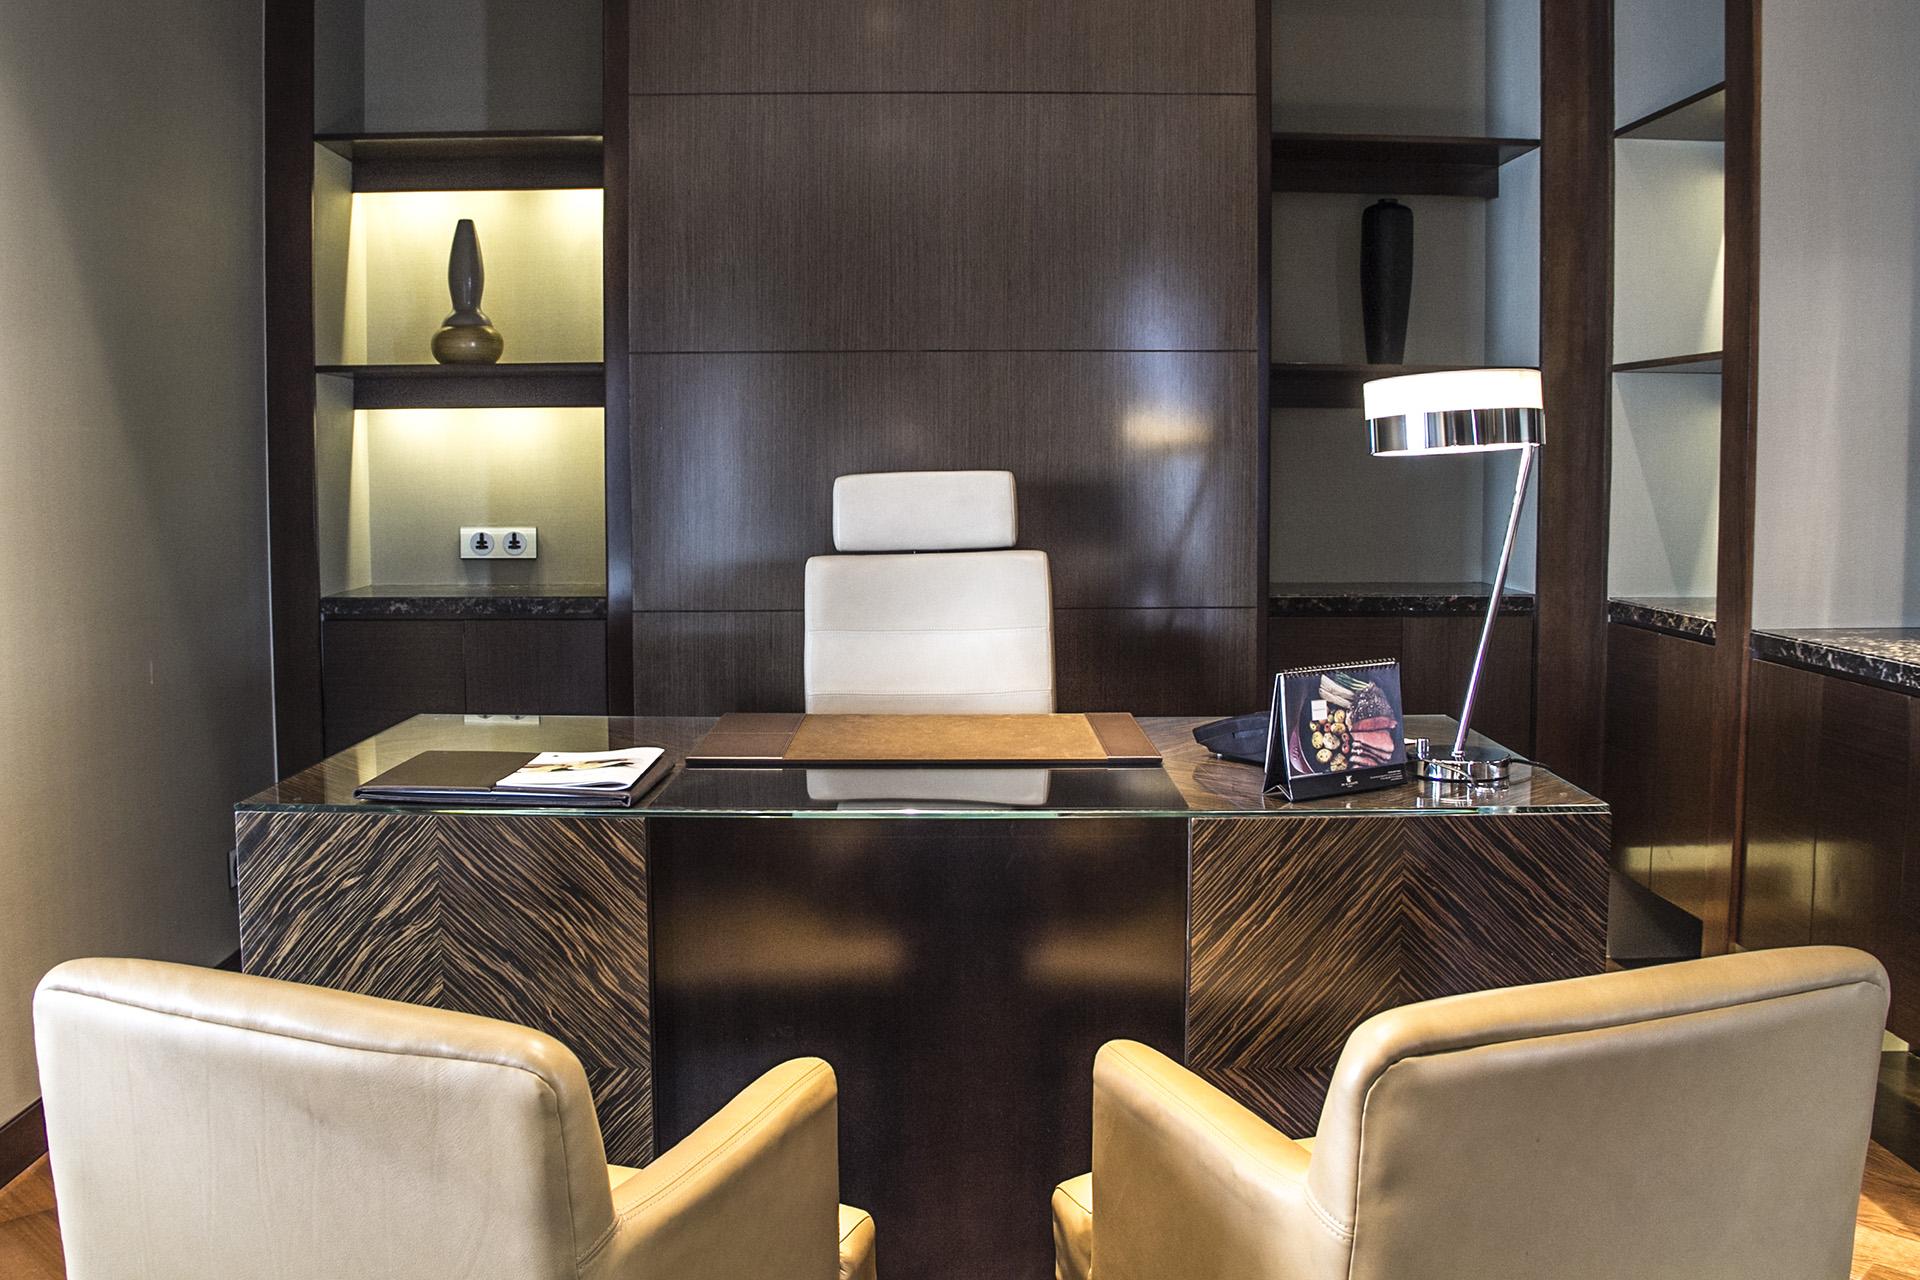 Phòng làm việc được thiết kế đặt giữa phòng khách và phòng ngủ, với bàn làm việc rộng rãi, cổng kết nối máy tính cá nhân.